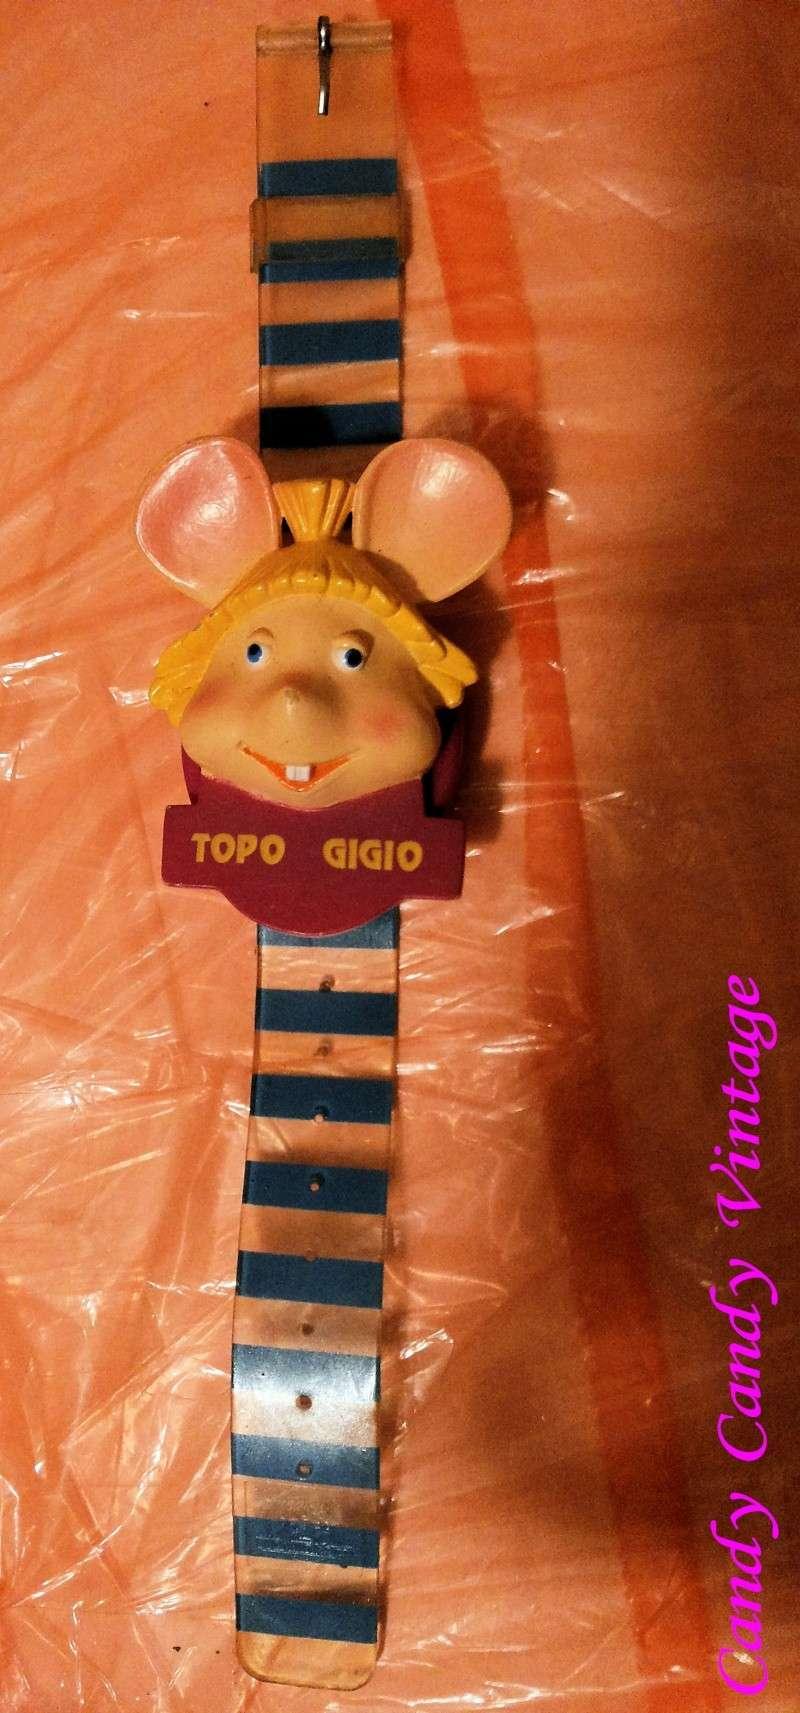 [Vendo] Topo Gigio orologio Vintage Giochi Preziosi 20140913